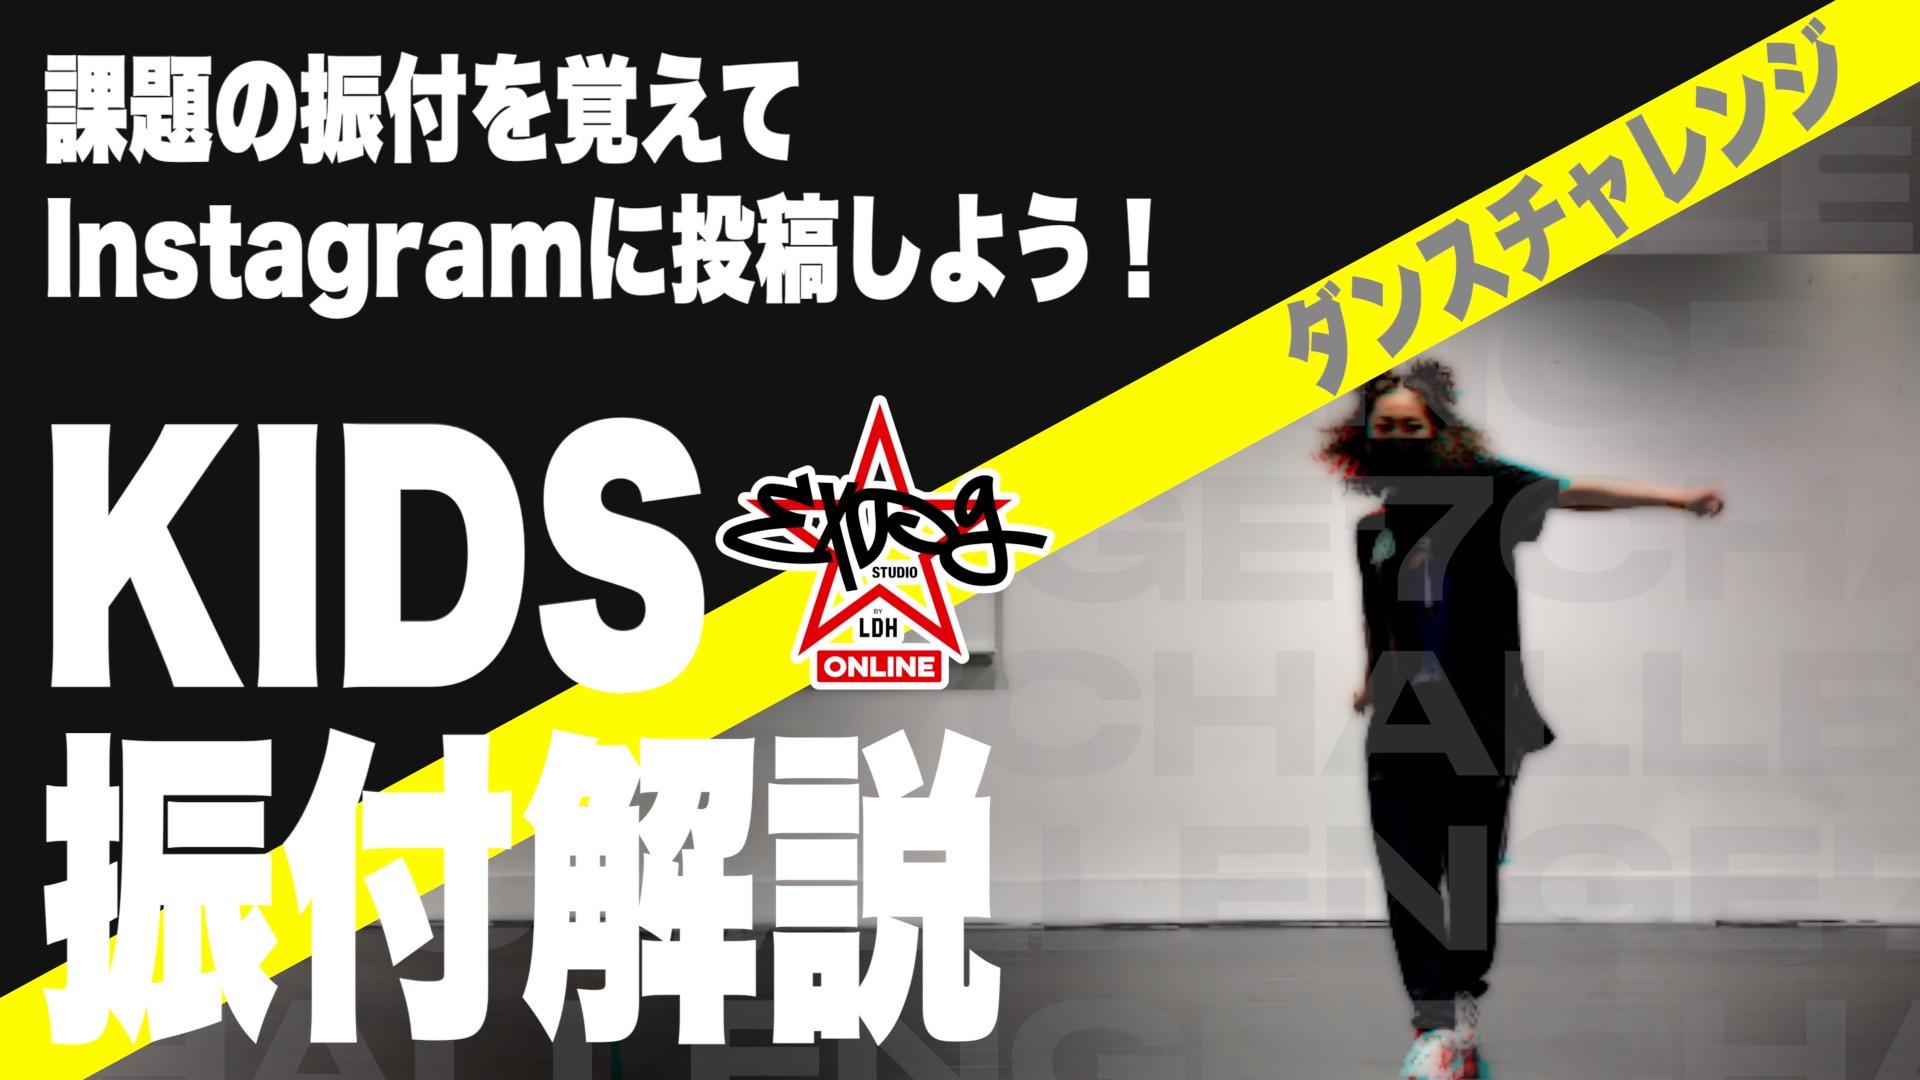 KIDS 振付解説 /  ダンスチャレンジ